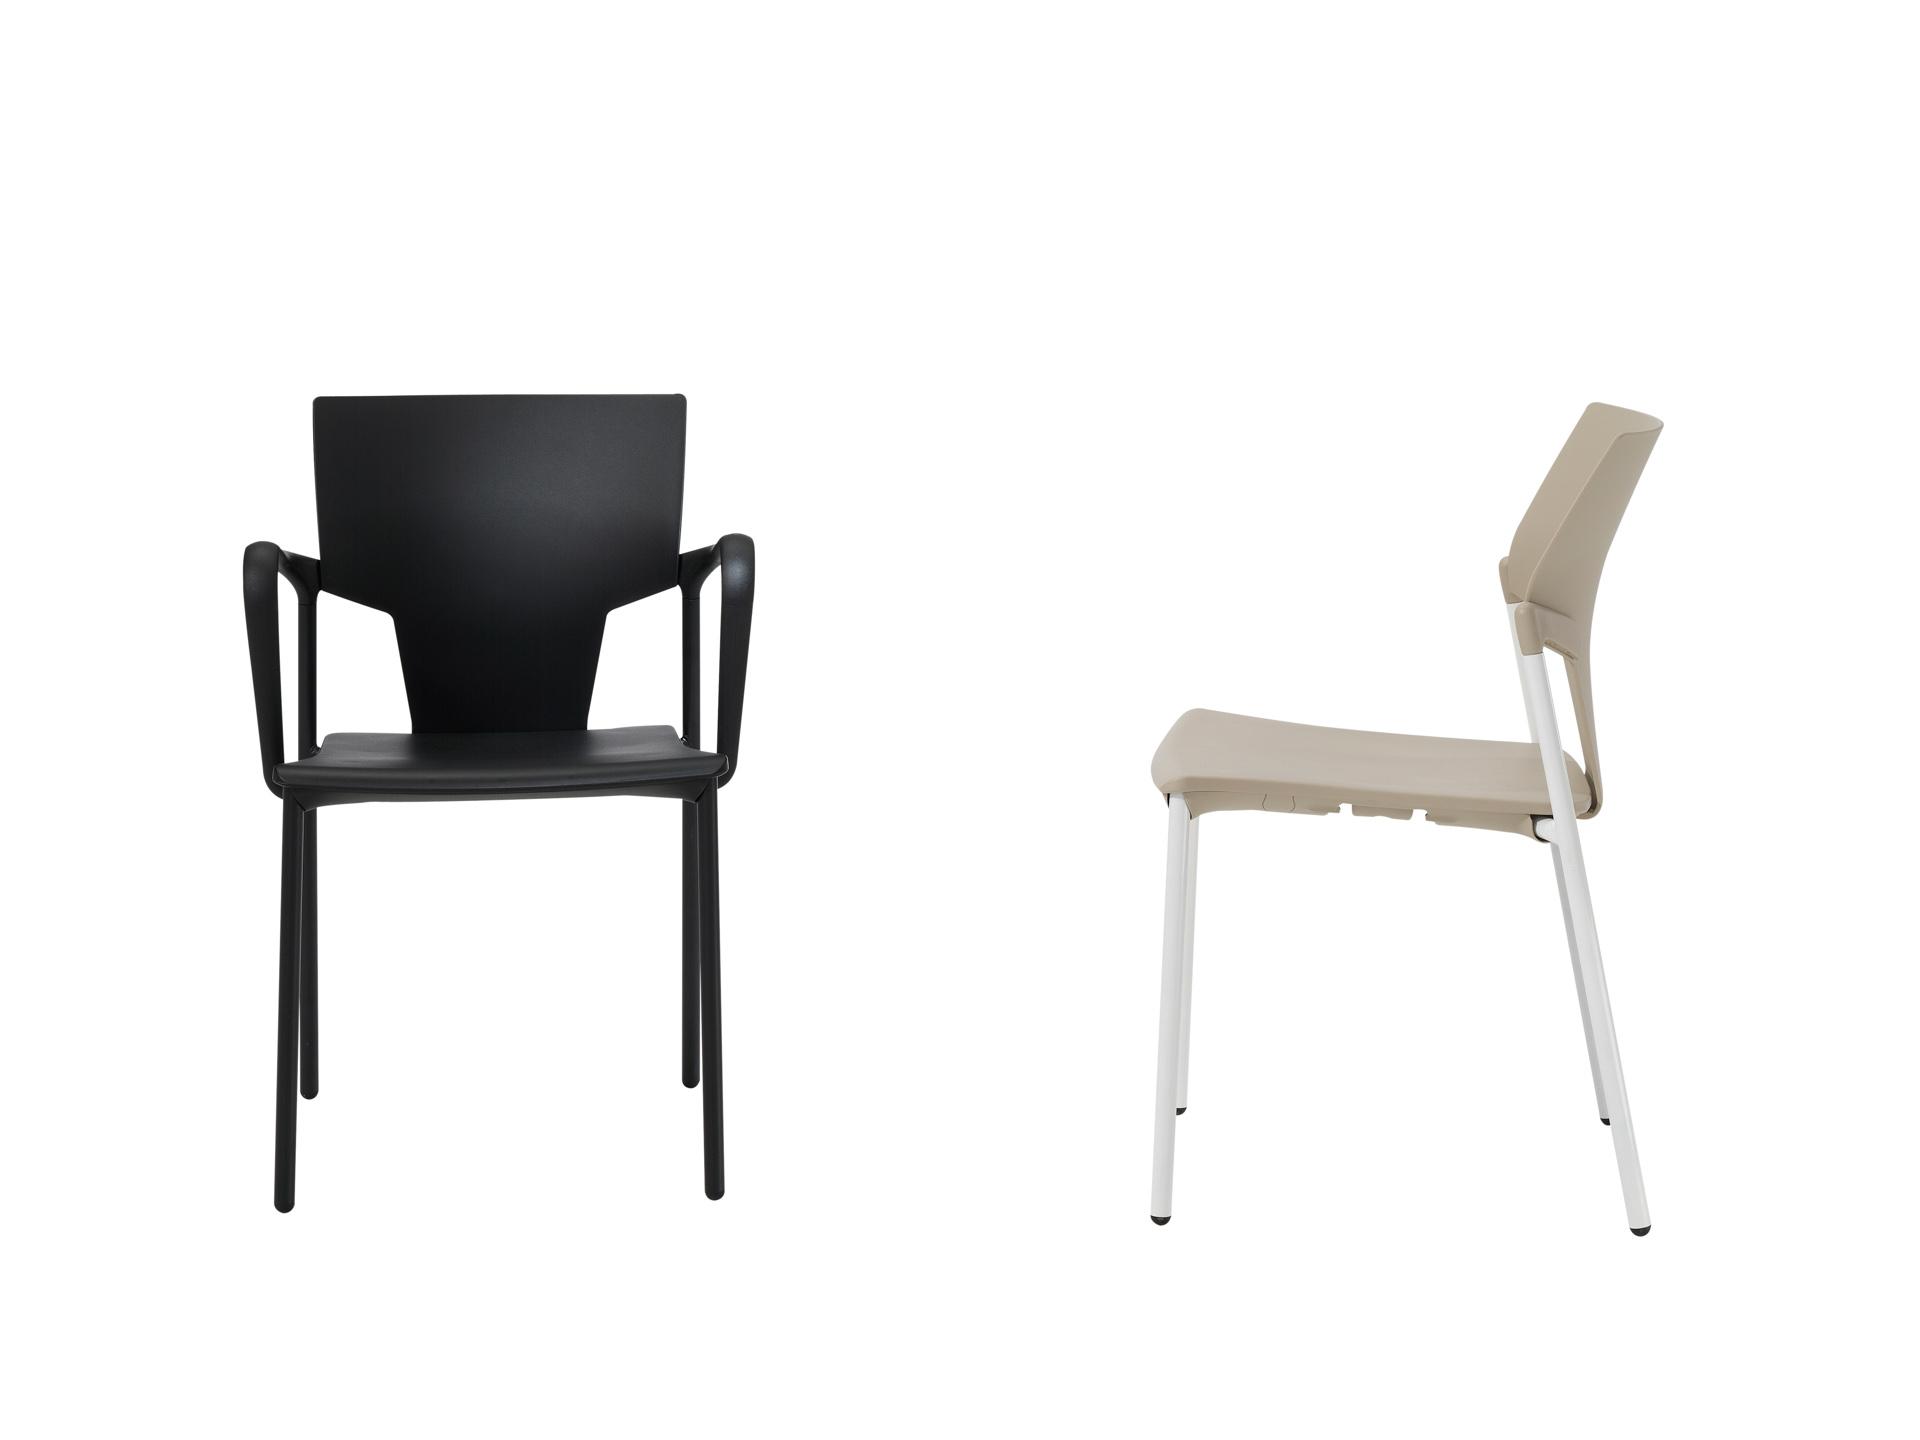 Sillas y sillones de SENIORCARE para cualquier instalación de colectividades